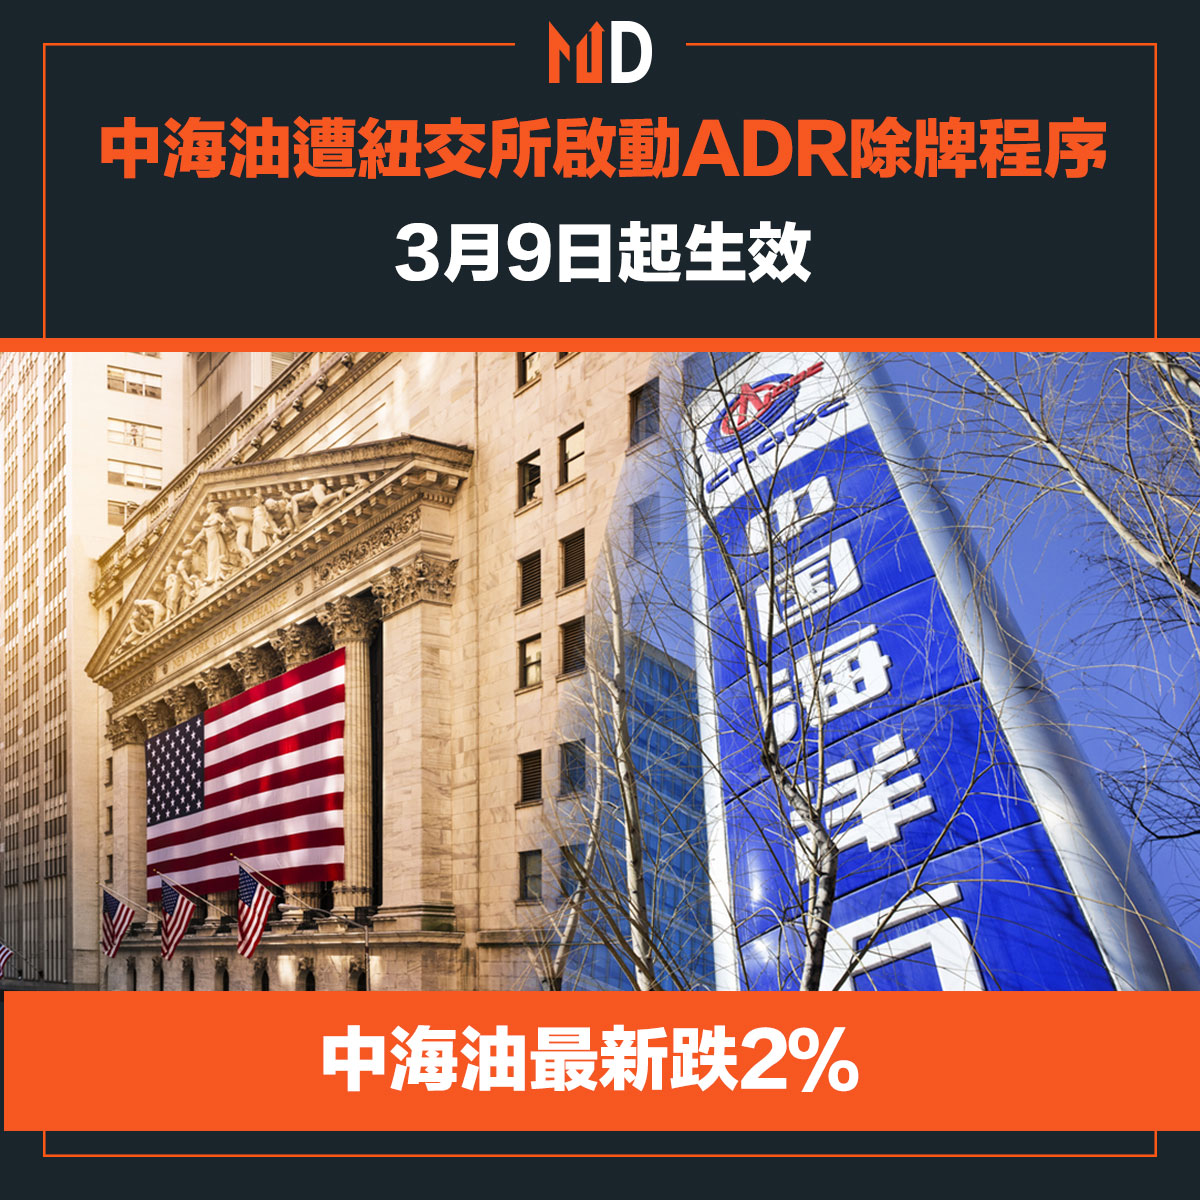 中海油遭紐交所啟動ADR除牌程序,3月9日起生效